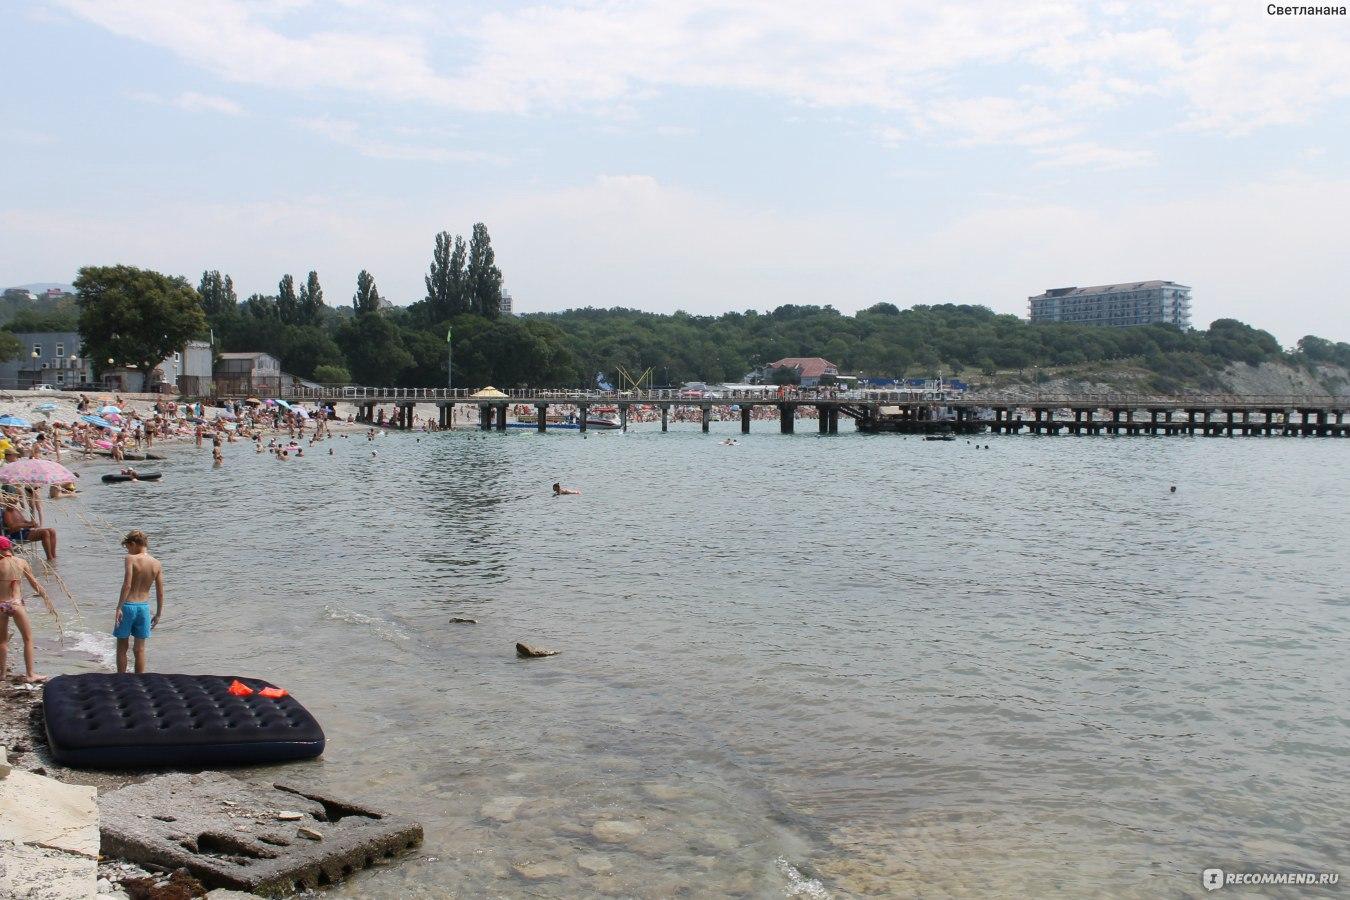 Геленджик санаторий голубая бухта фото пляжа и поселка